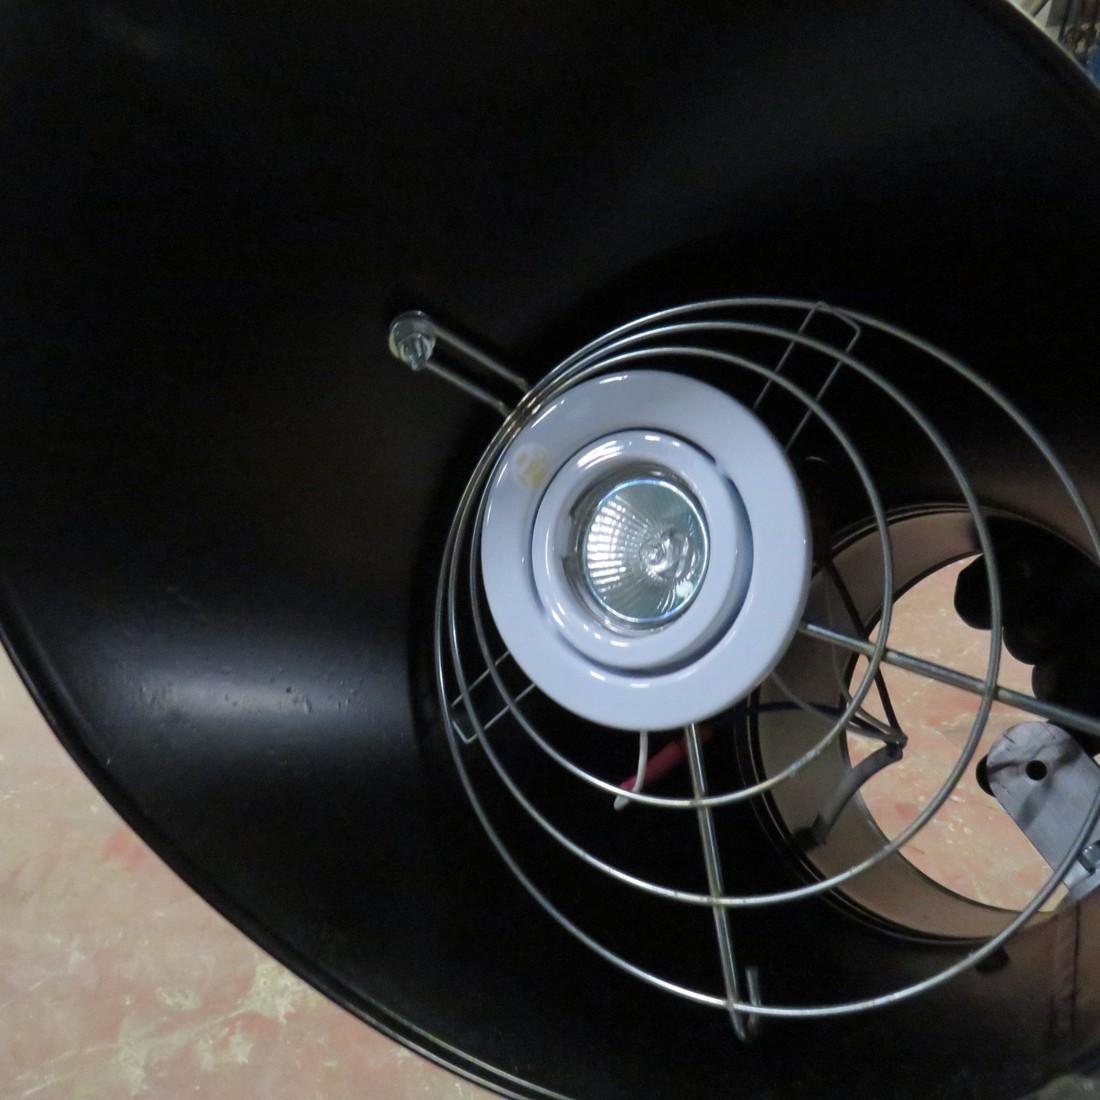 R1J1178 SACATEC welding fume filtration unit